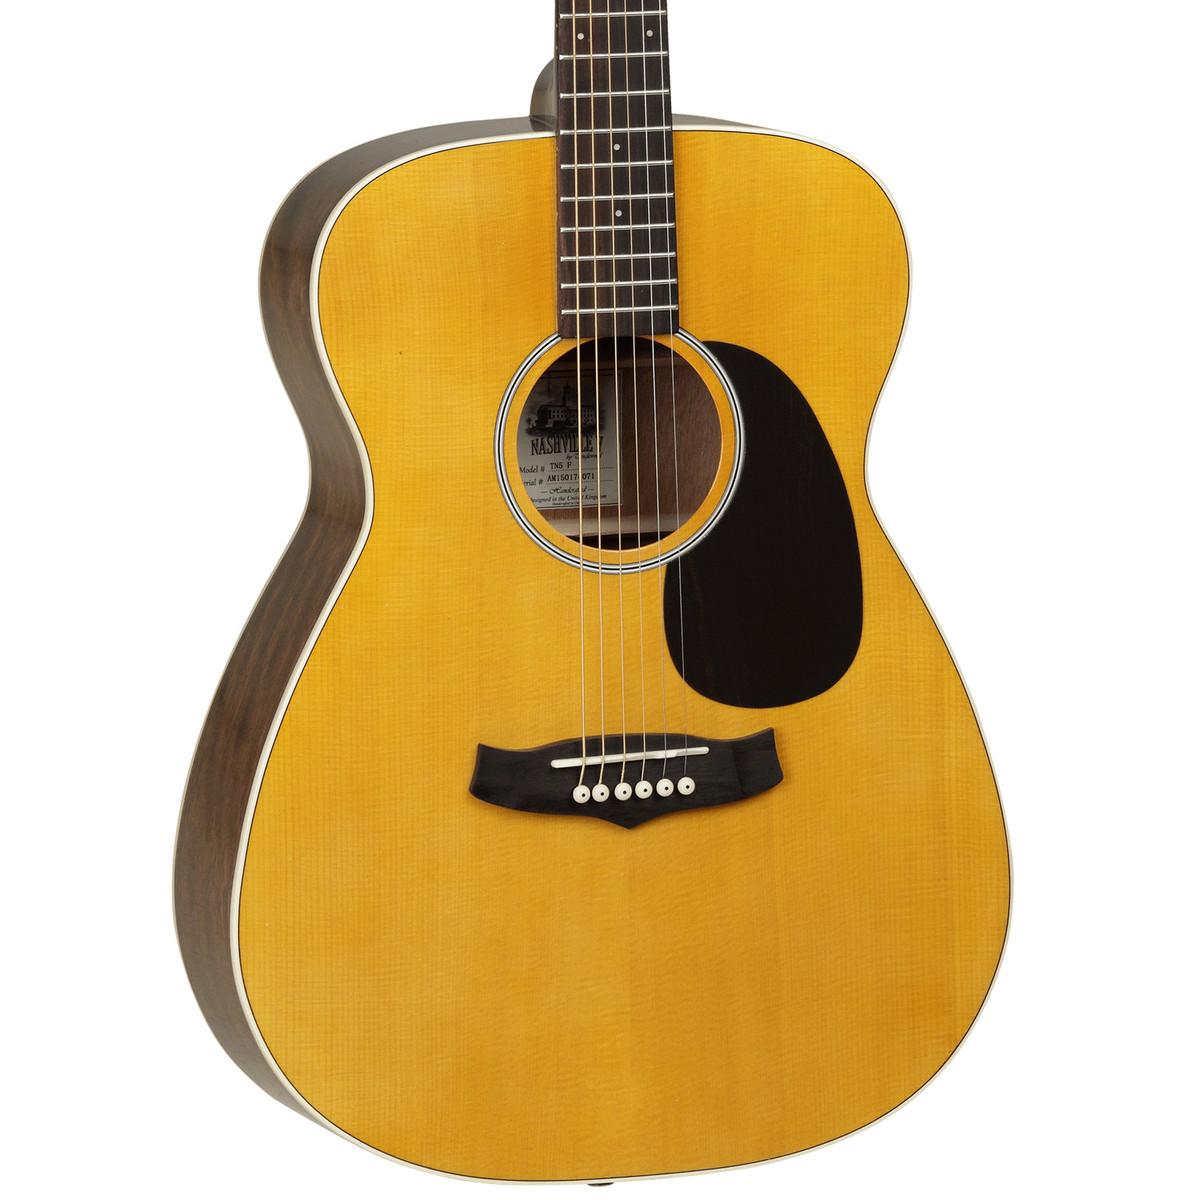 tanglewood nashville v tn5 f acoustic guitar with free hard case at. Black Bedroom Furniture Sets. Home Design Ideas